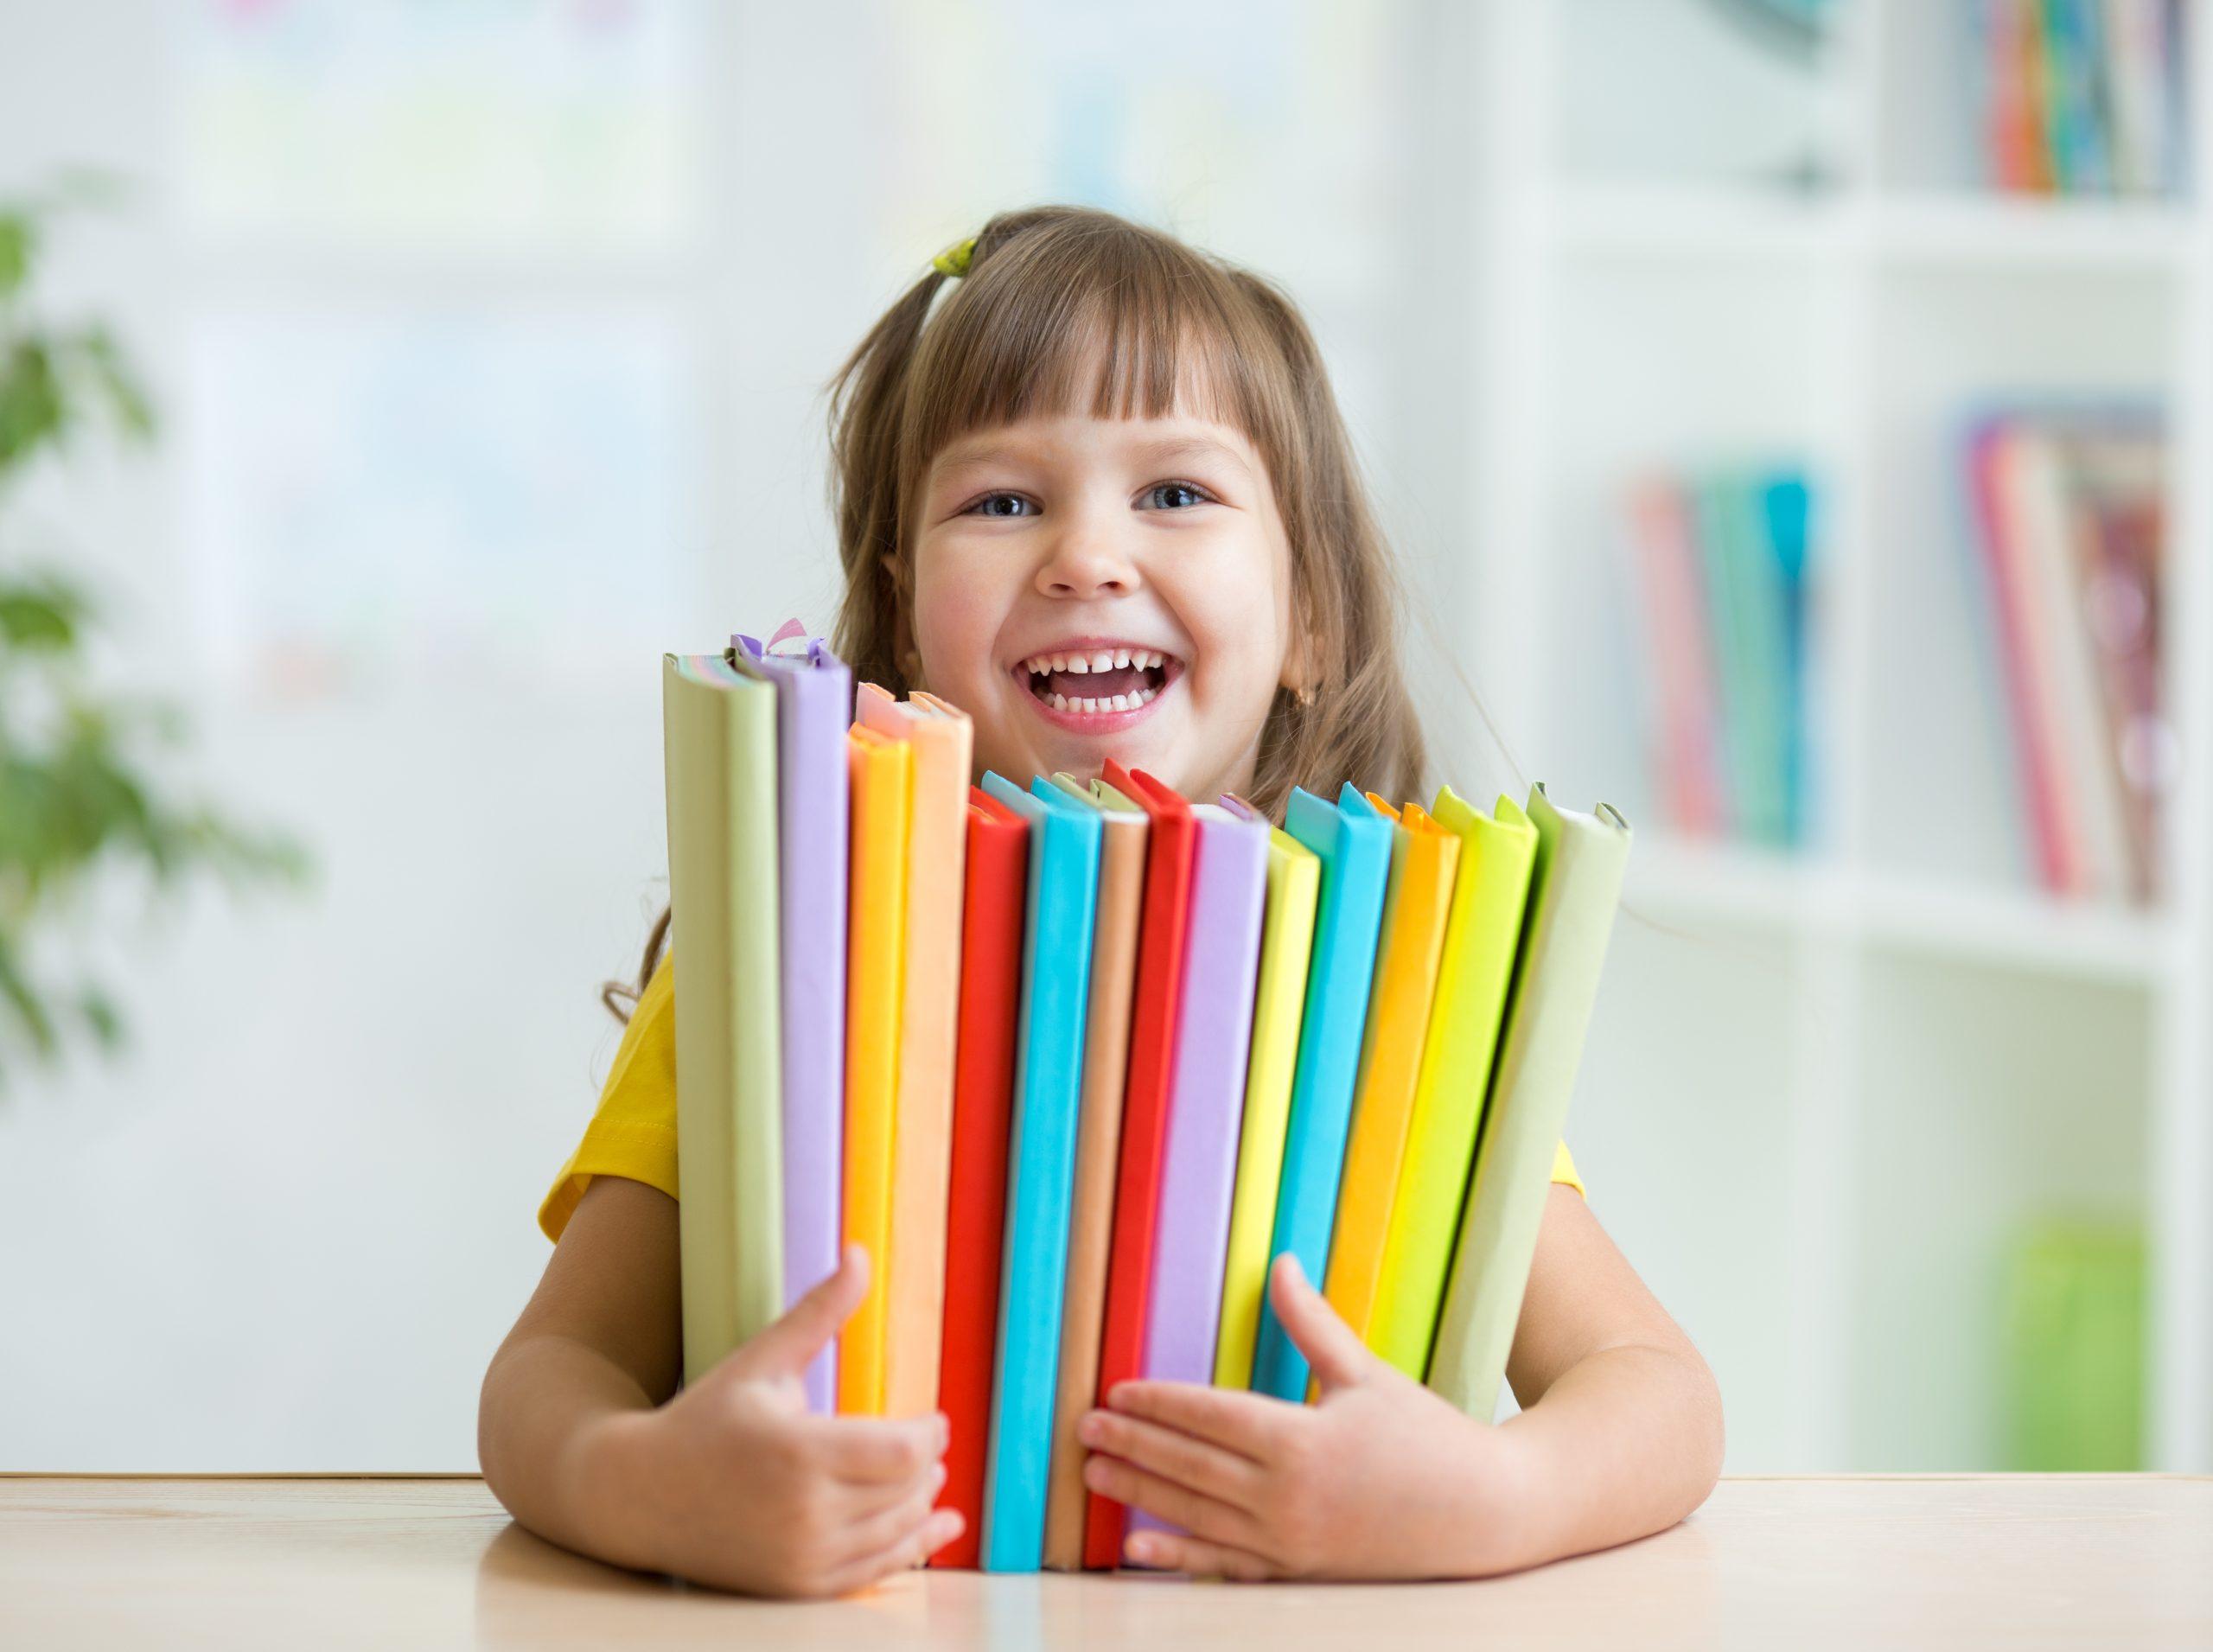 Libros para niños personalizados: ¿Cuál es el mejor del 2020?